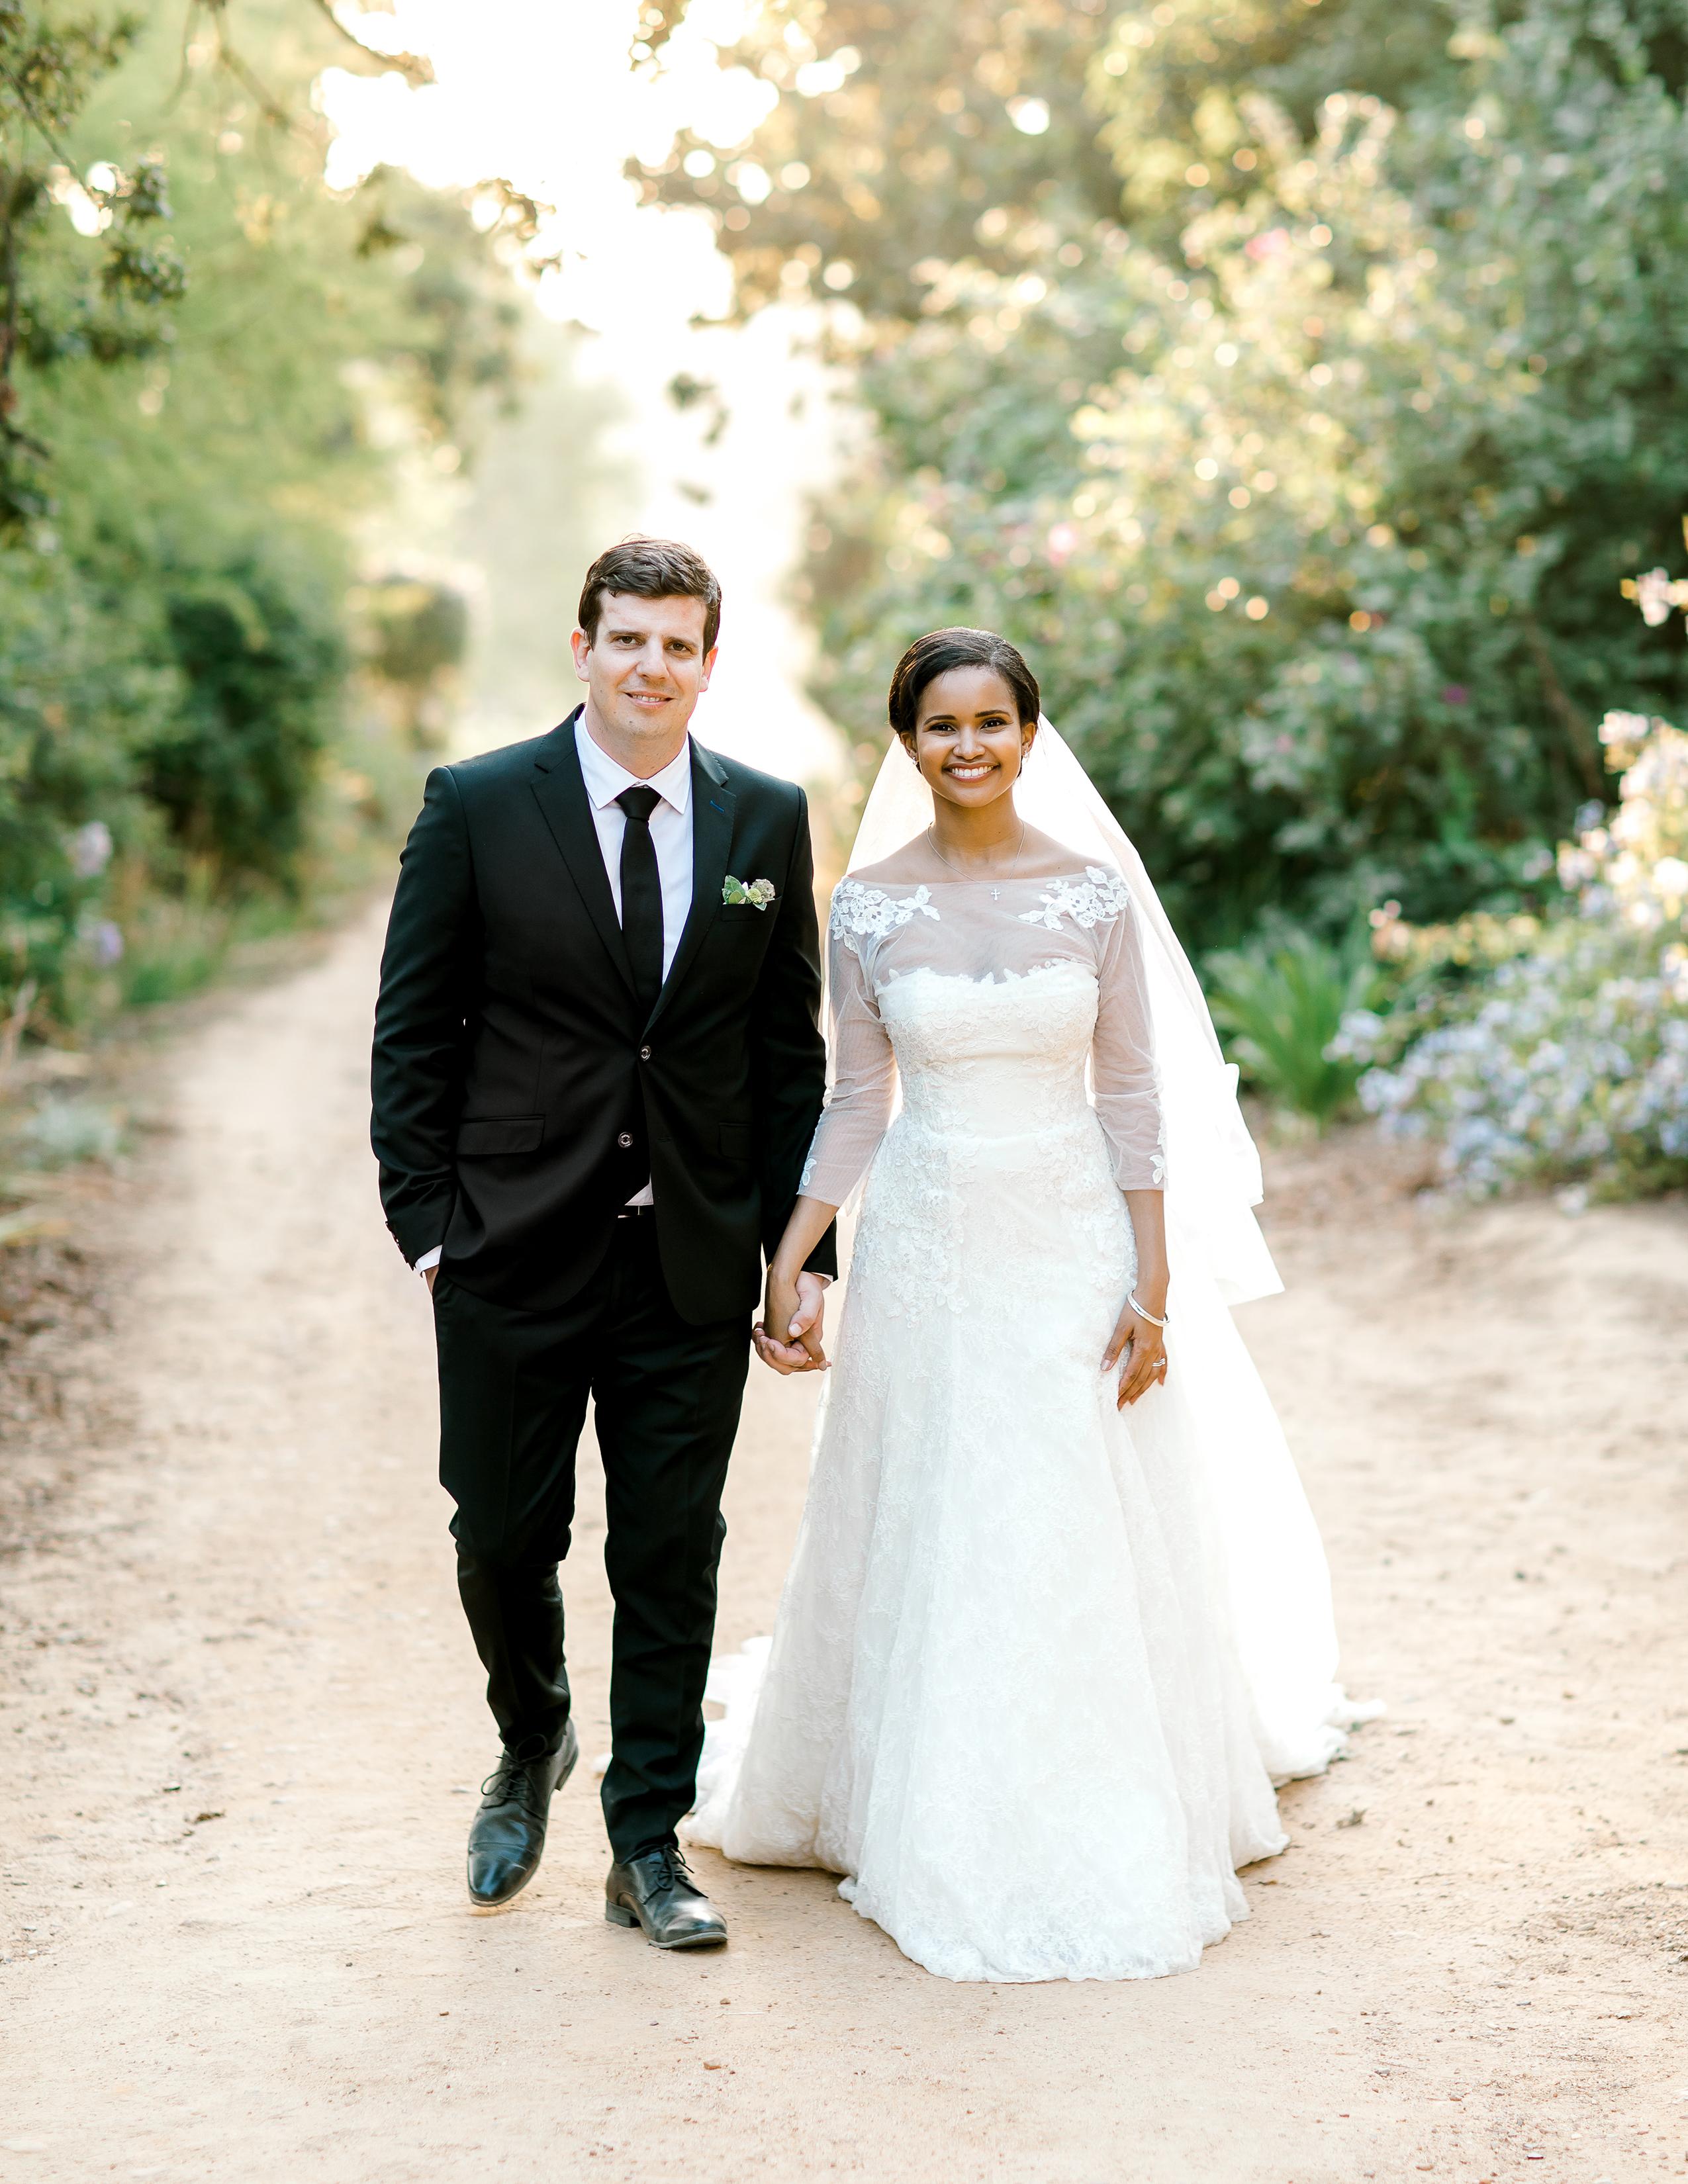 rorisang stephen wedding couple walking